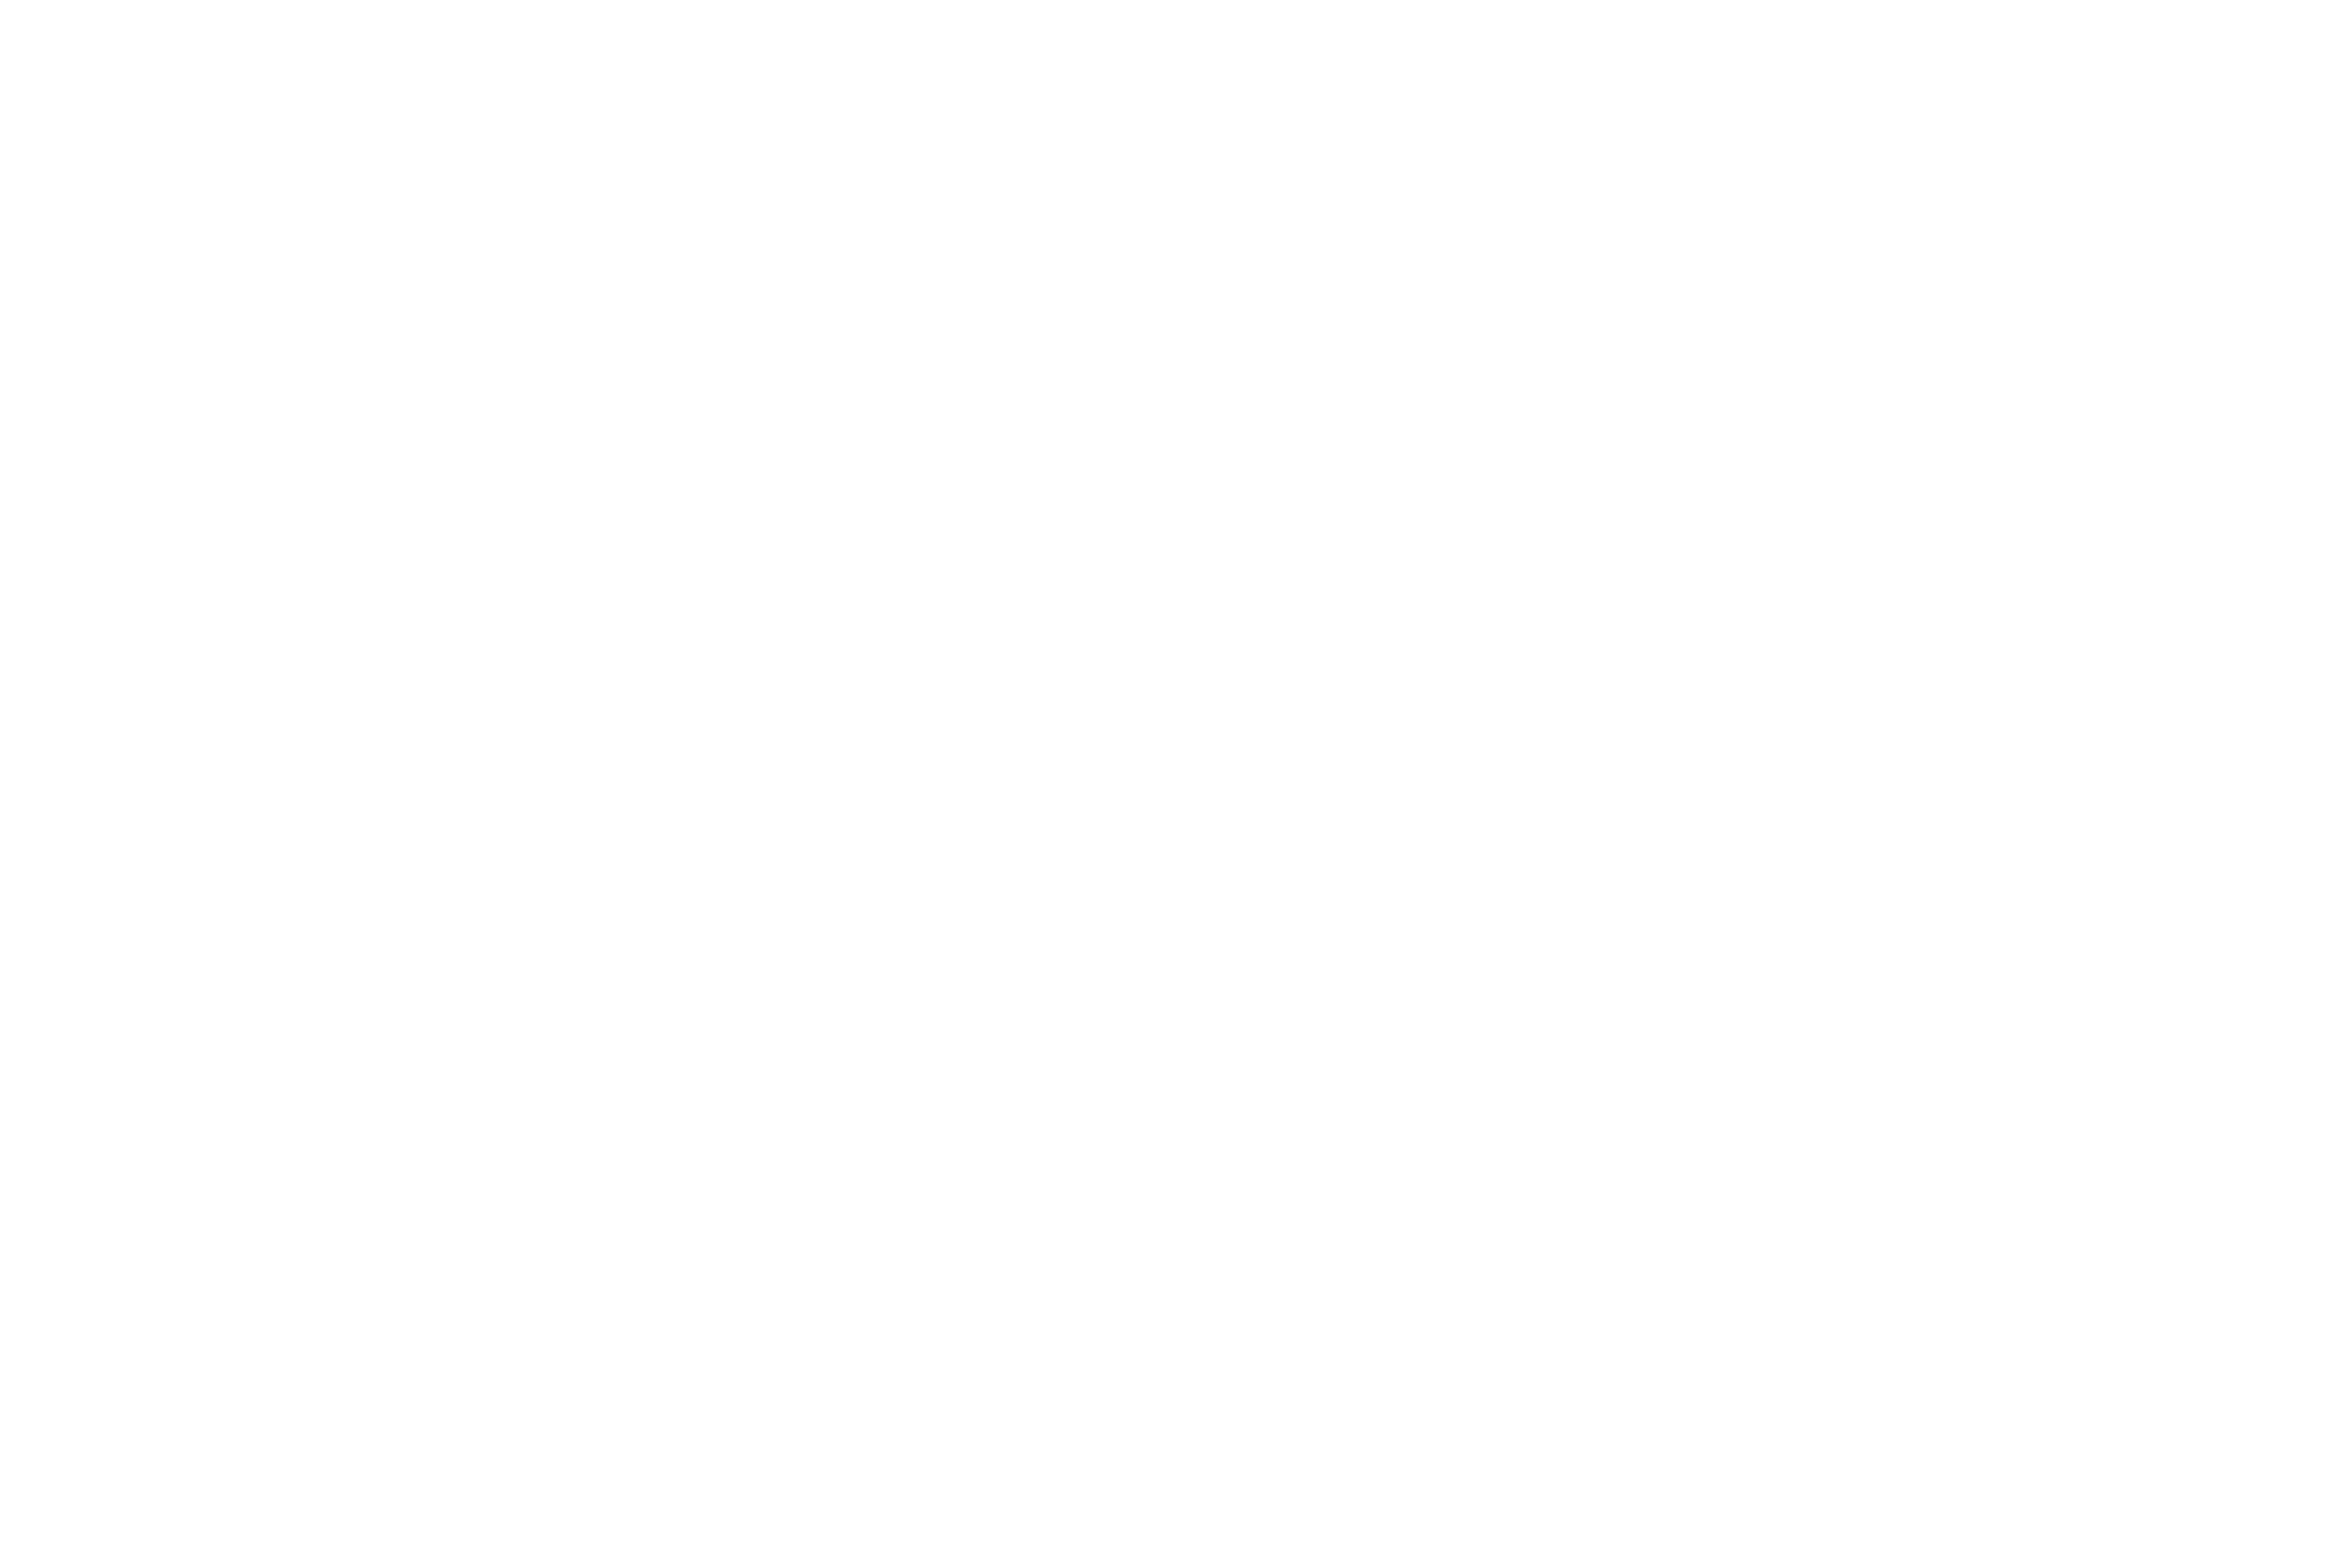 GENDER WEDDINGS_male-woman